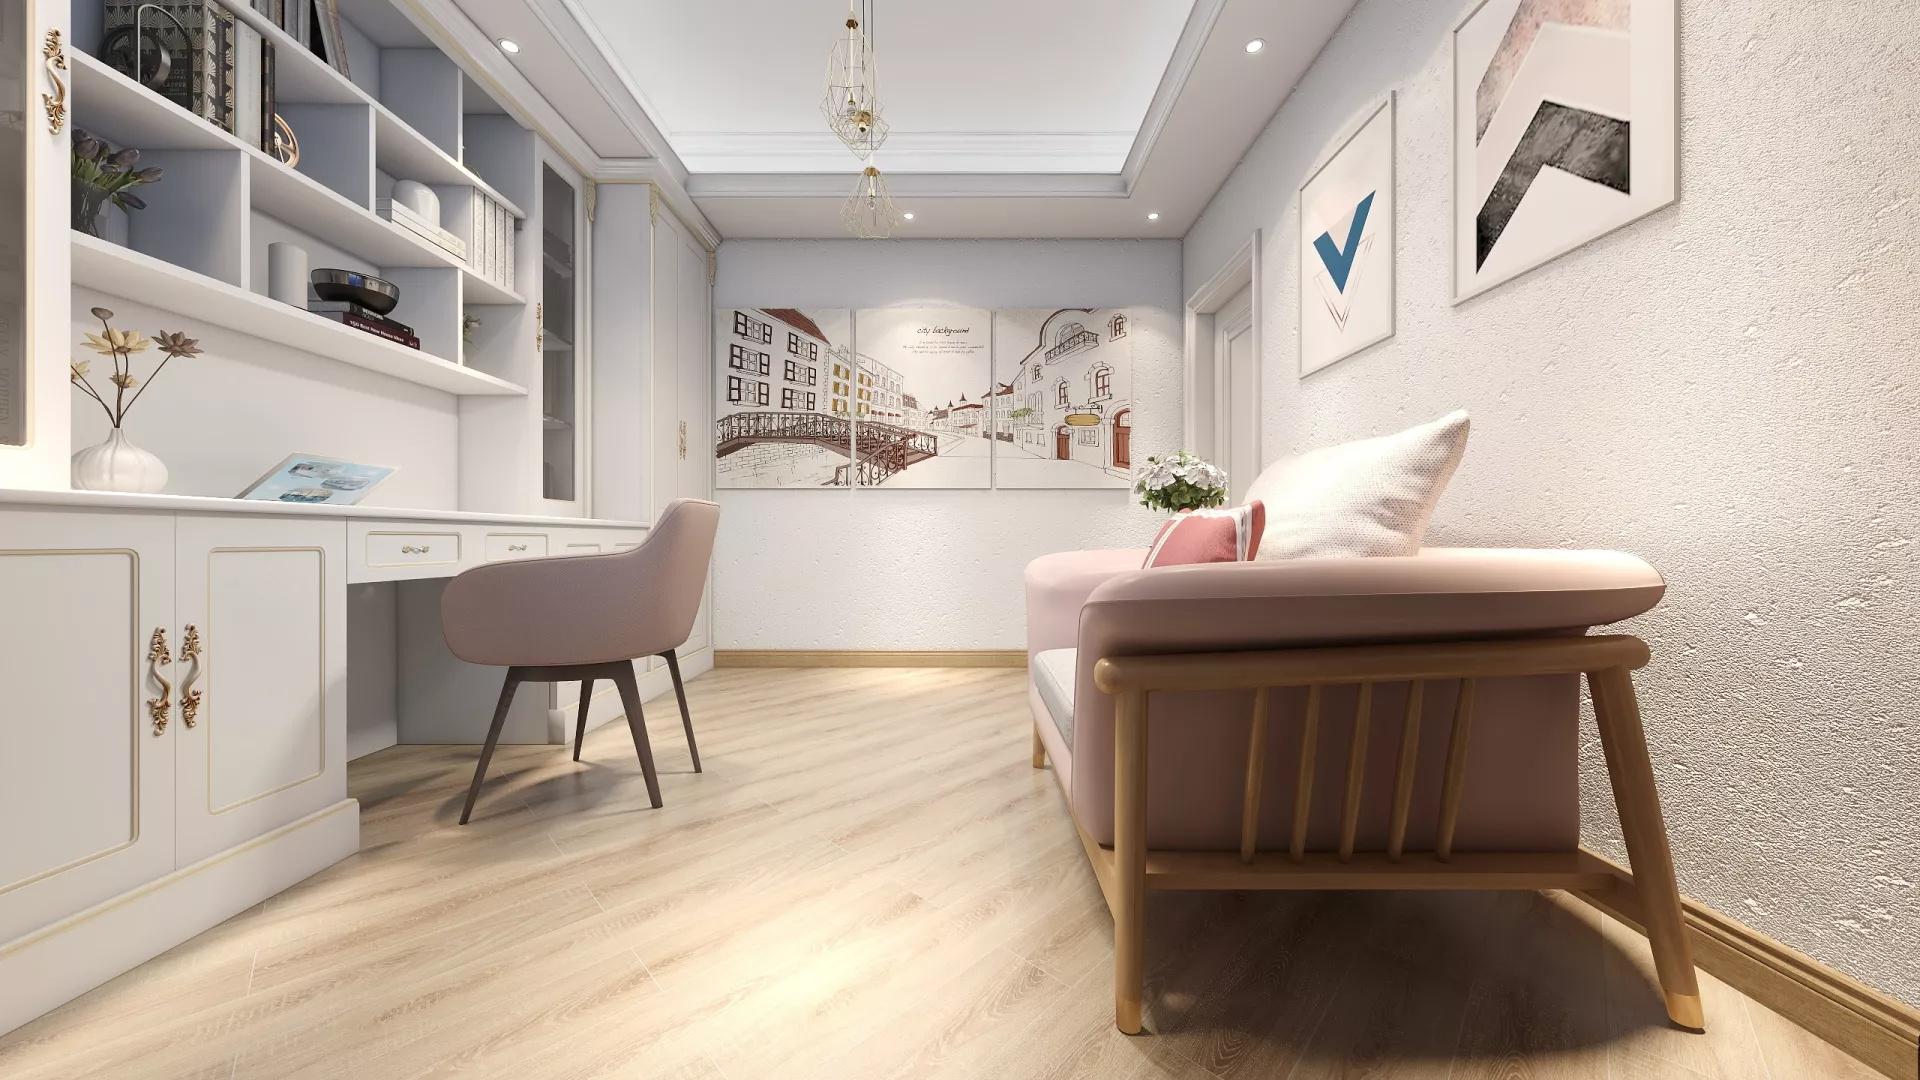 2019高级感别墅挑高客厅设计效果图